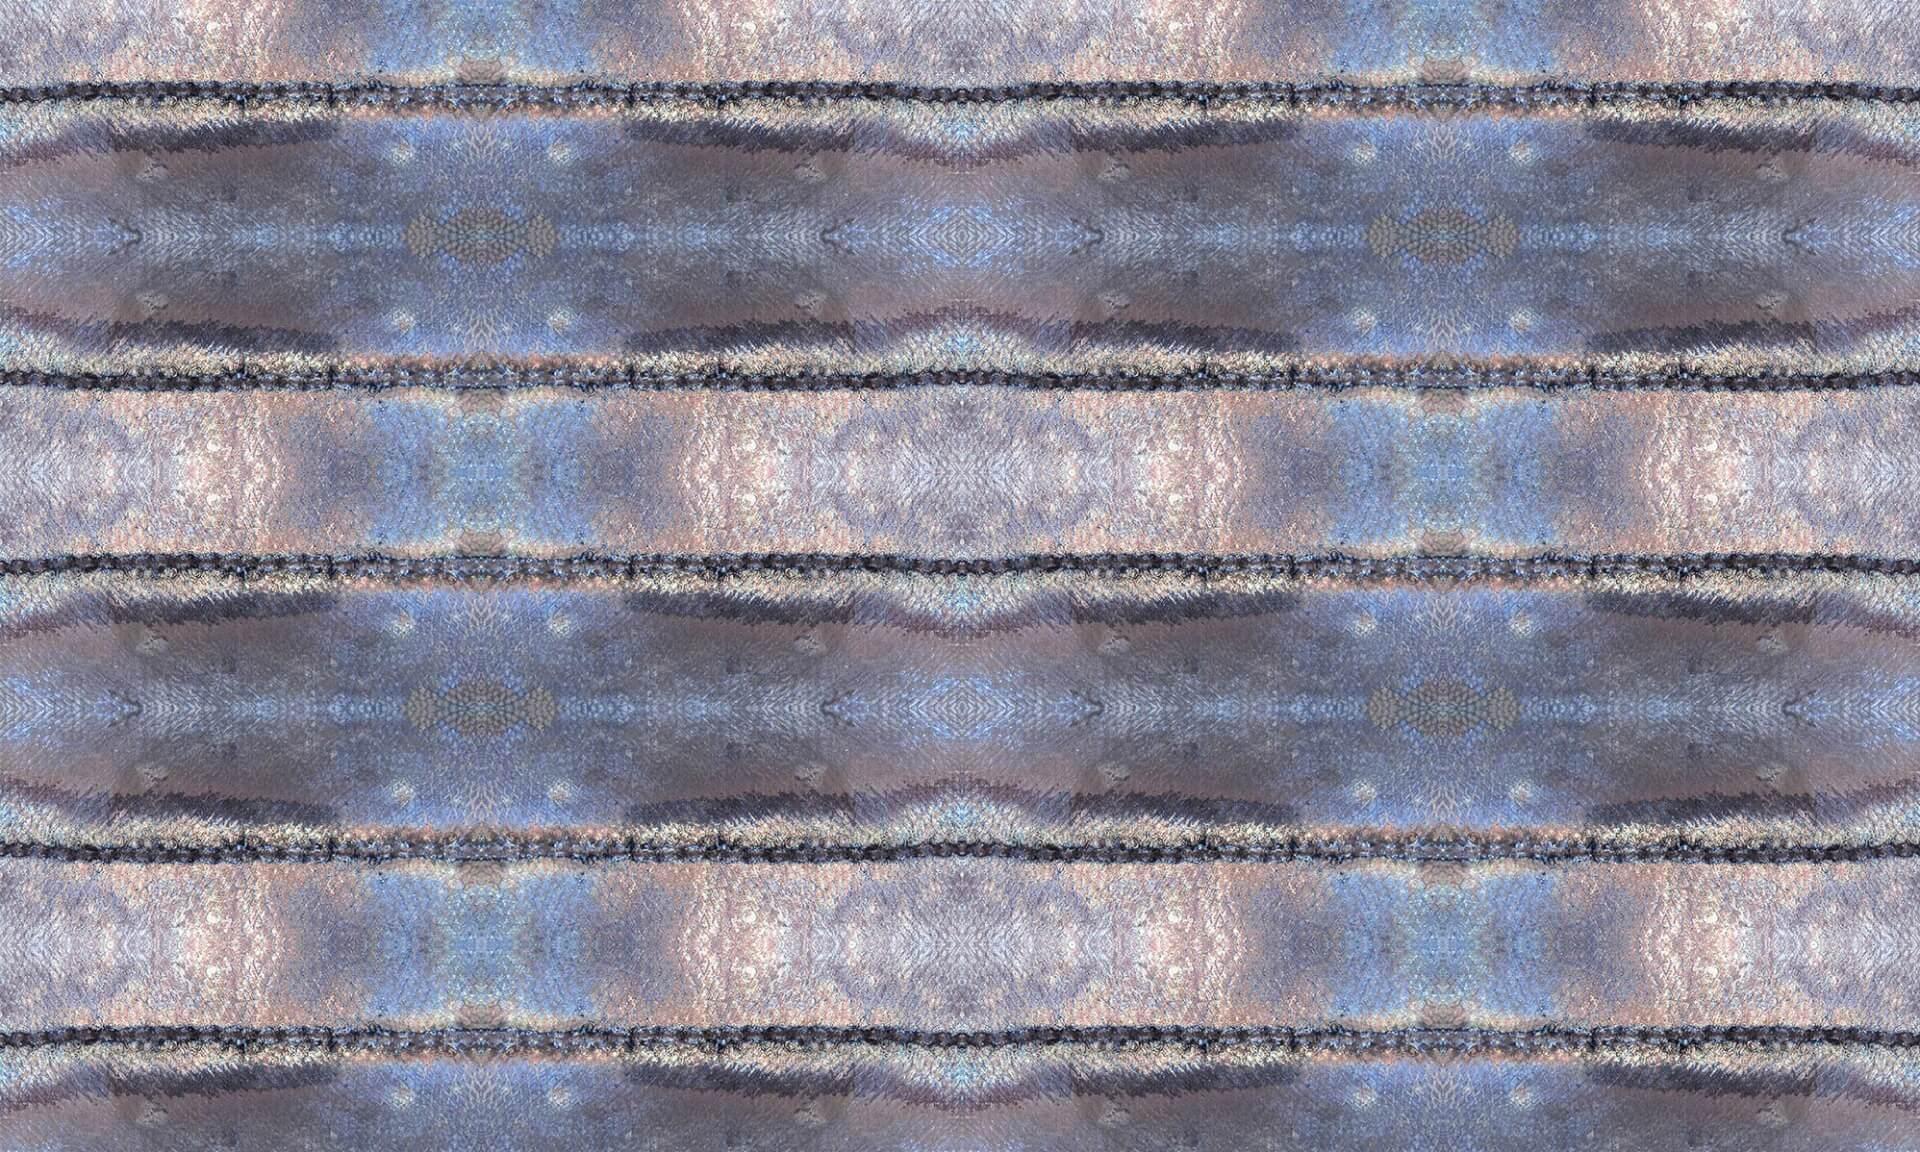 Mackerel Stripe (BA0916) Doug Garrabrants